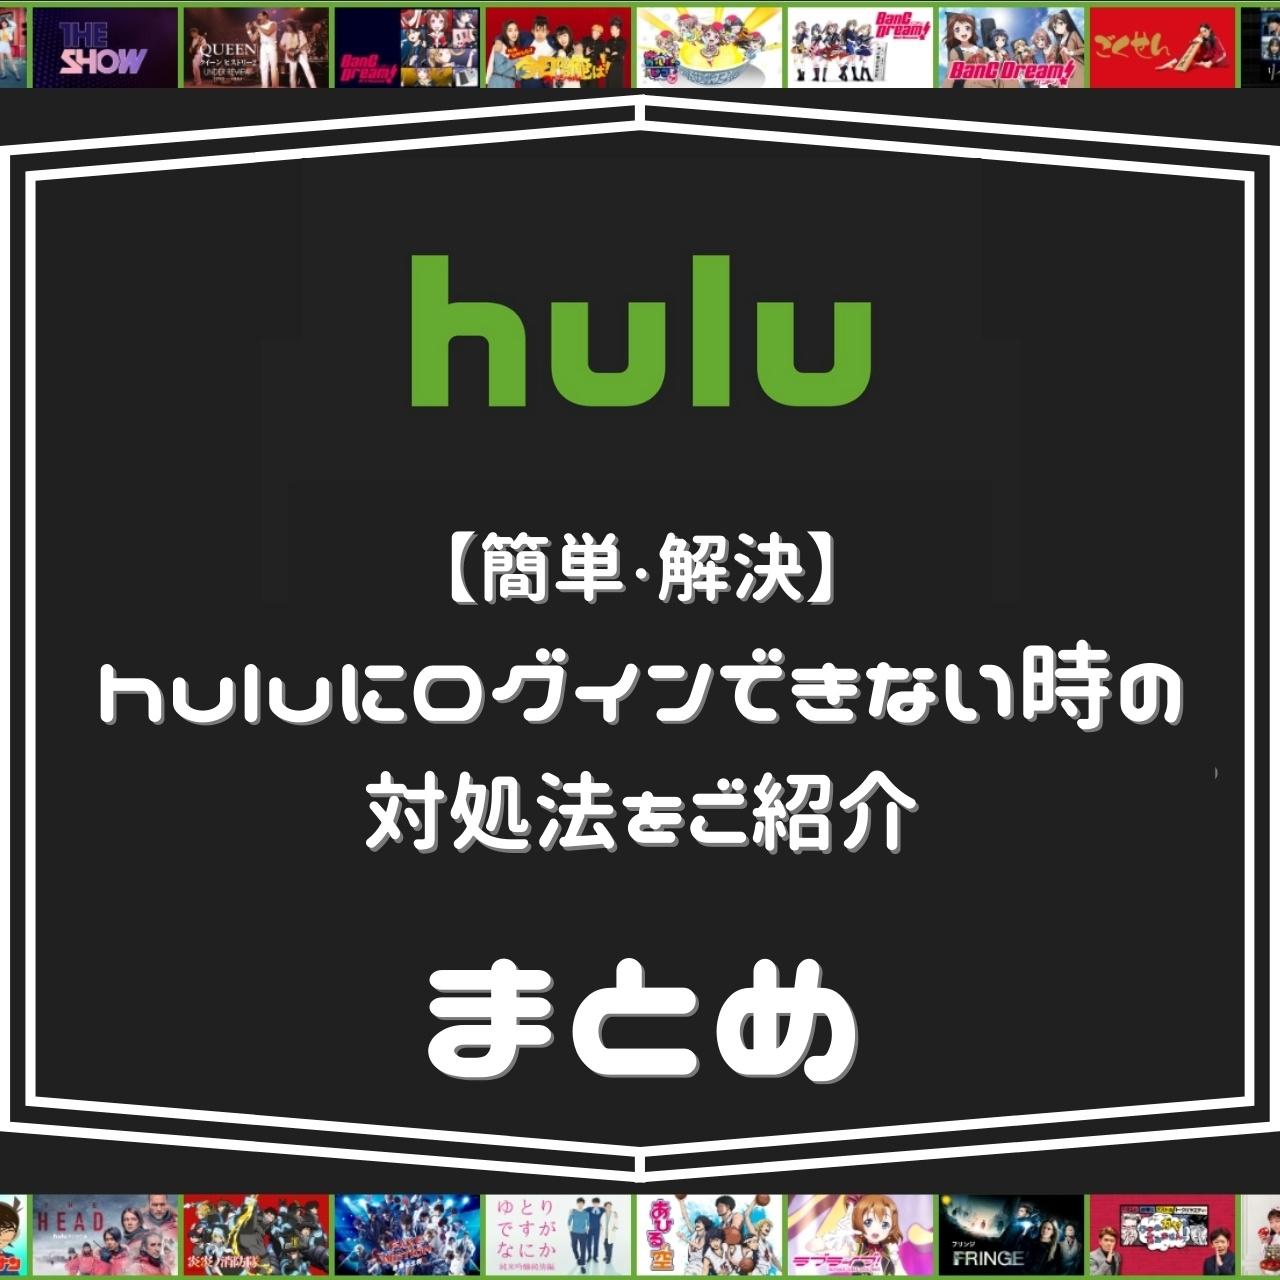 【簡単・解決】huluにログインできない時の対処法をご紹介 まとめ